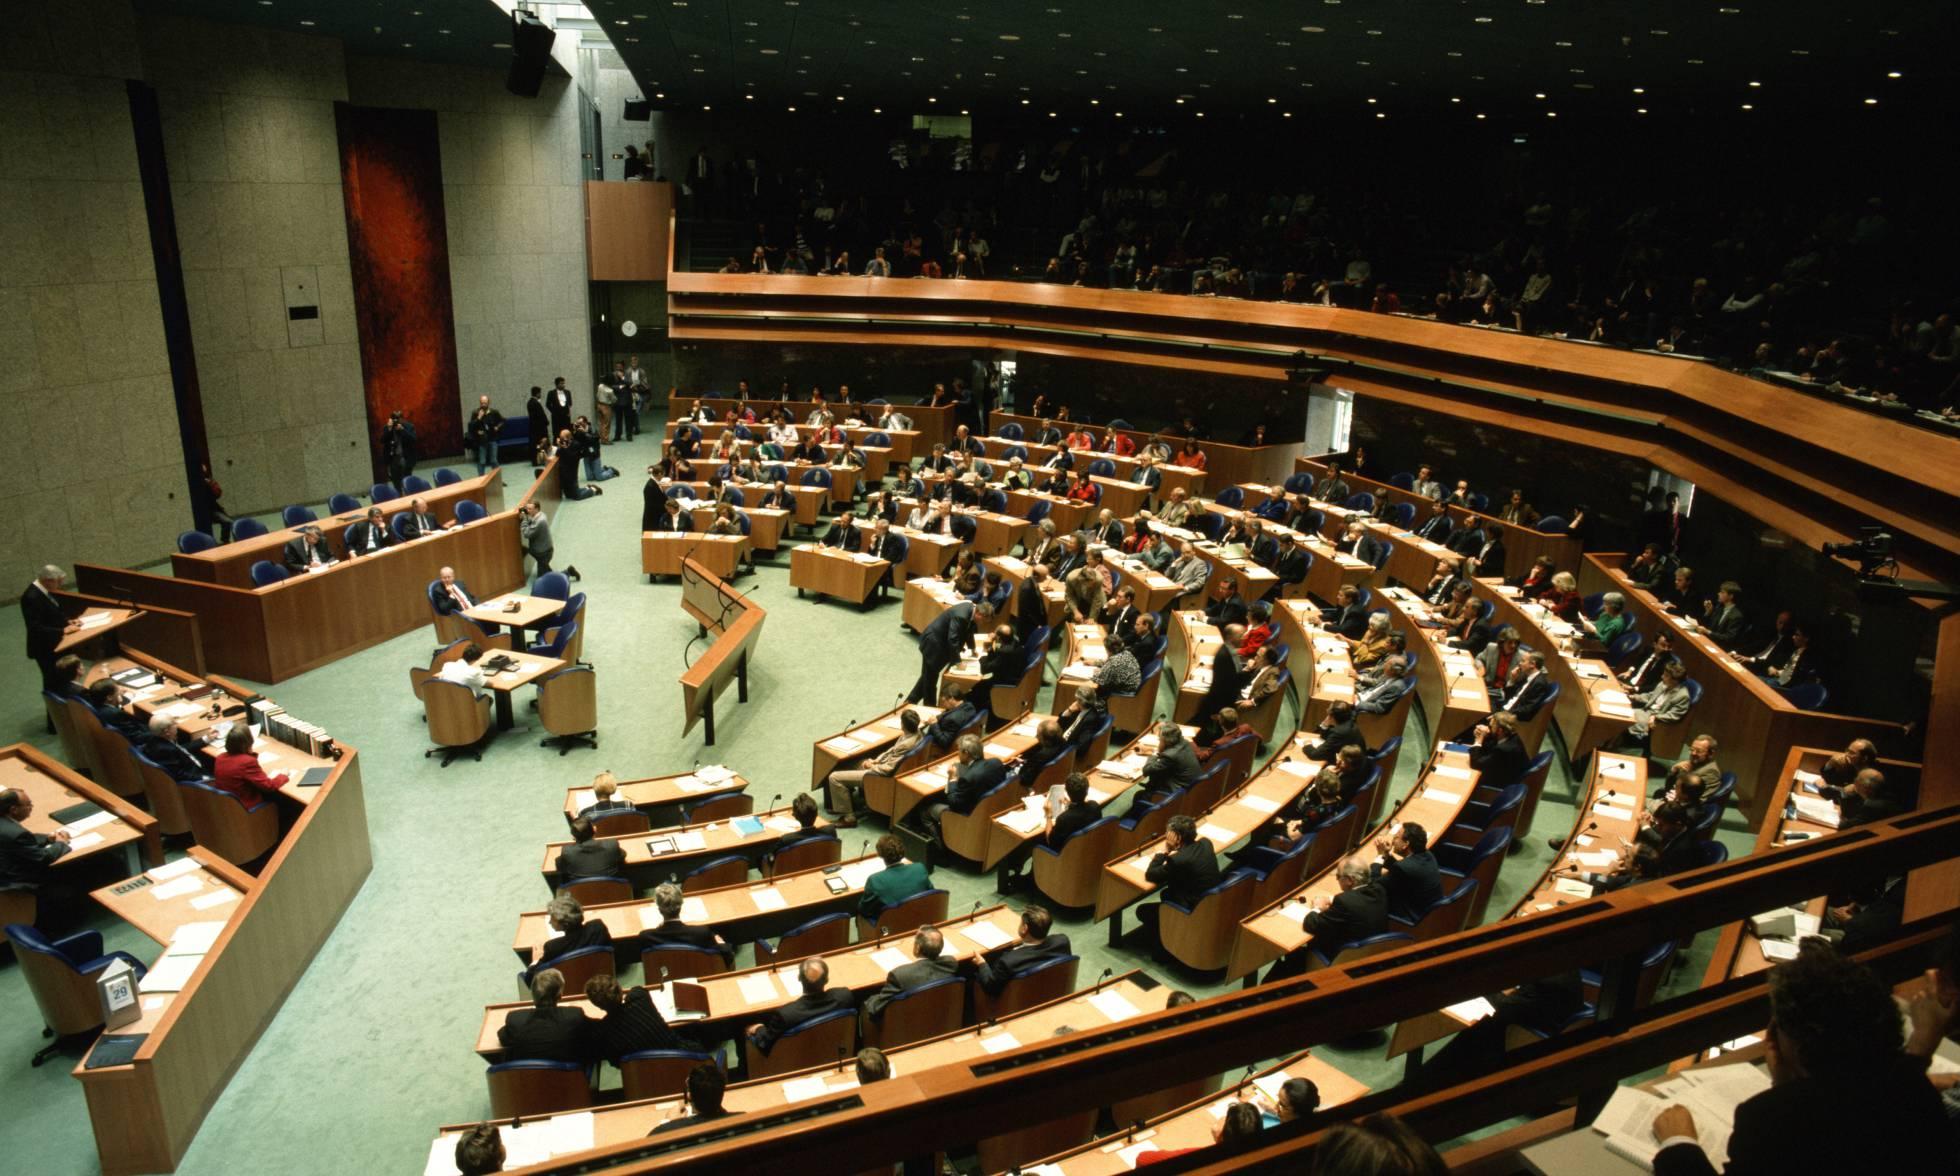 Un hombre intenta suicidarse ahorcándose en el Parlamento holandés